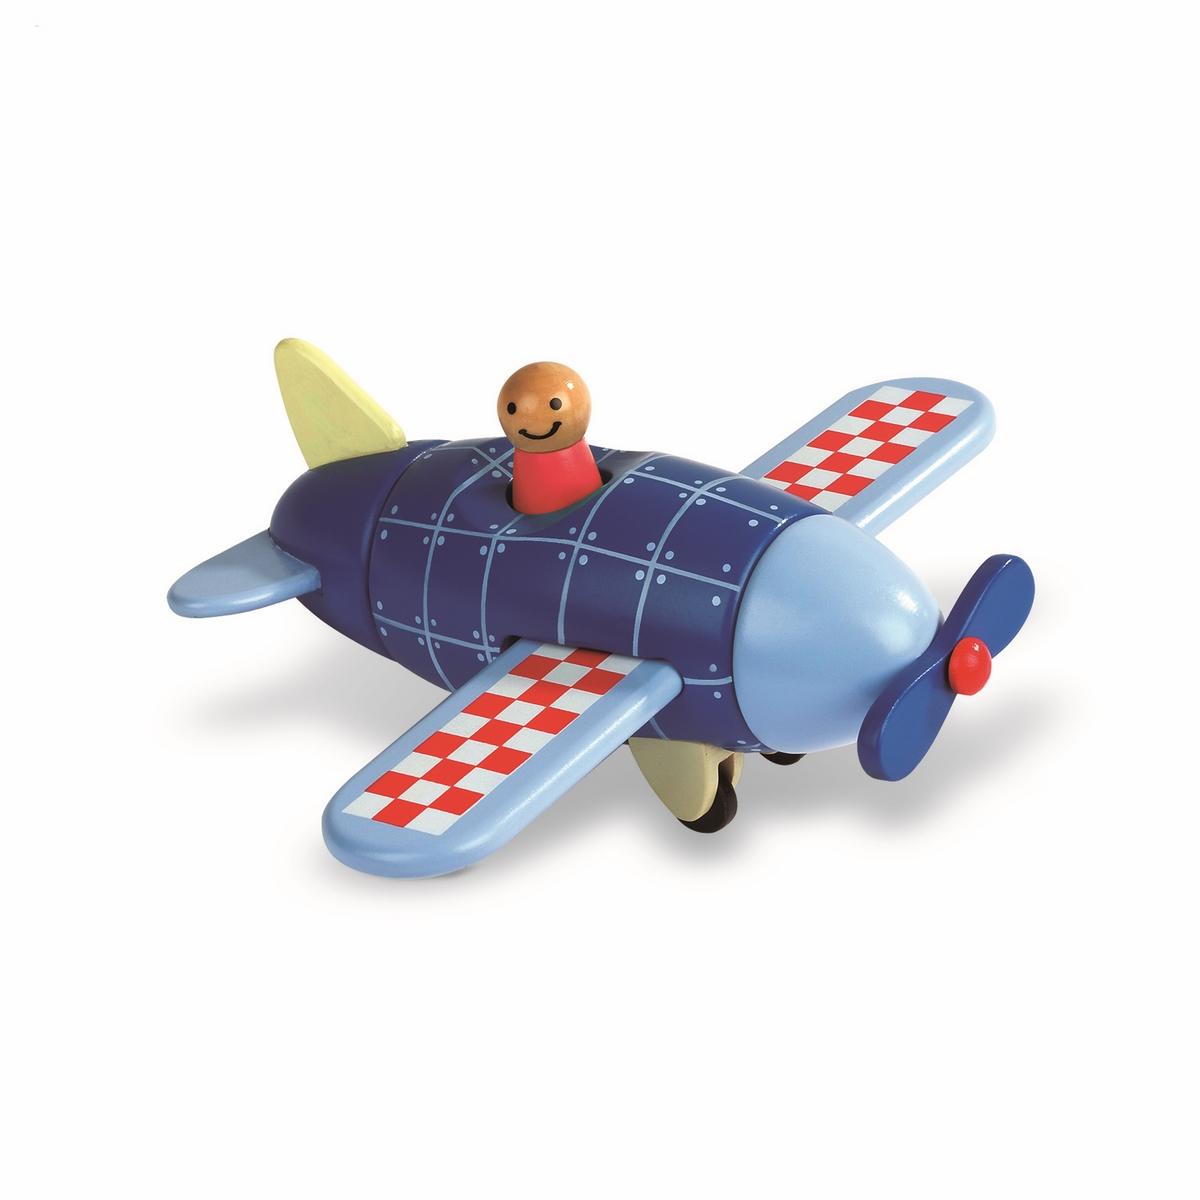 Janod Конструктор магнитный СамолетJ05205Эта замечательная игрушка состоит из элементов, которые соединяются друг с другом при помощи магнитов. Сложи элементы правильно и получи красивый самолет! Эта игрушка очень понравится детям. Складывать целое из частей так интересно!